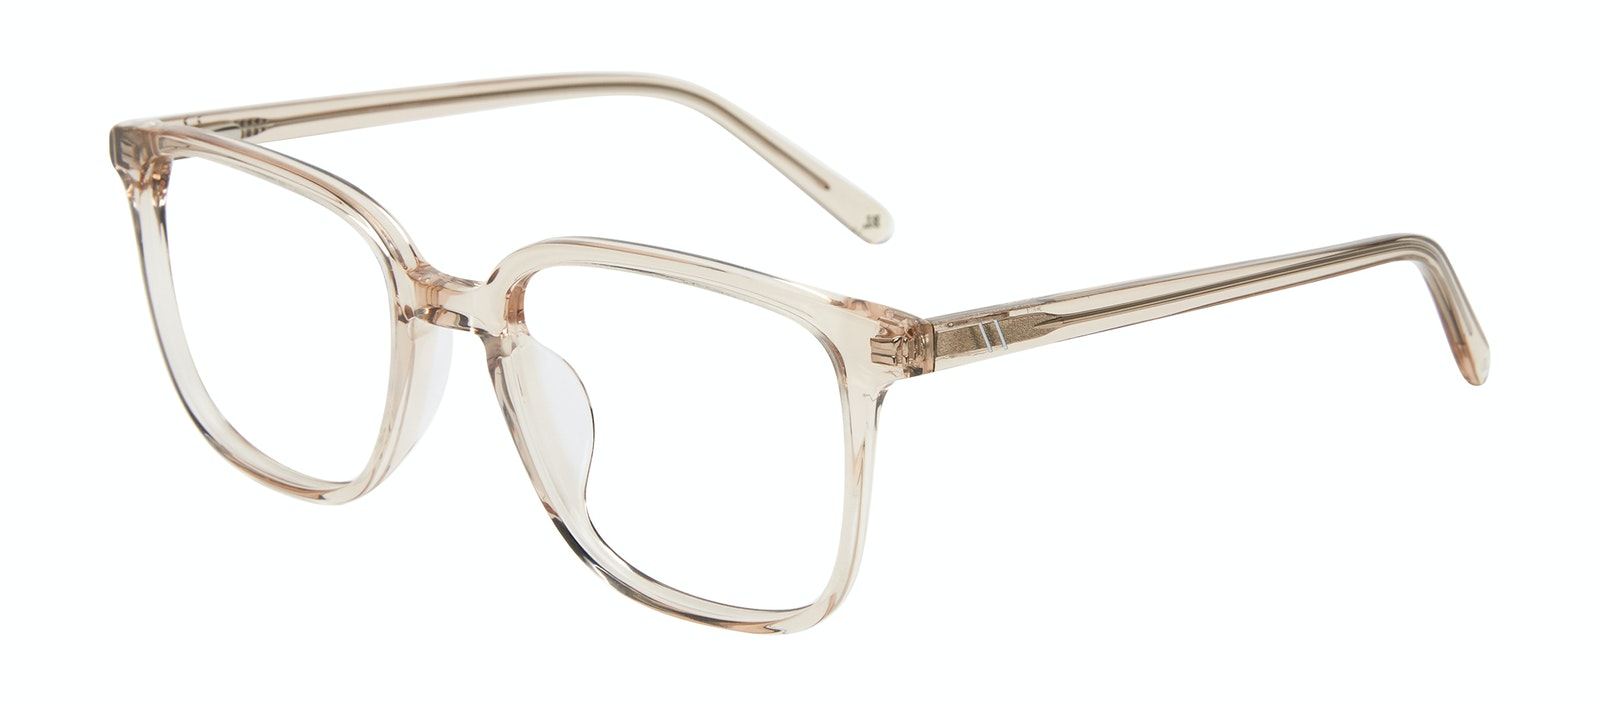 Affordable Fashion Glasses Square Eyeglasses Men Fellow Golden Tilt